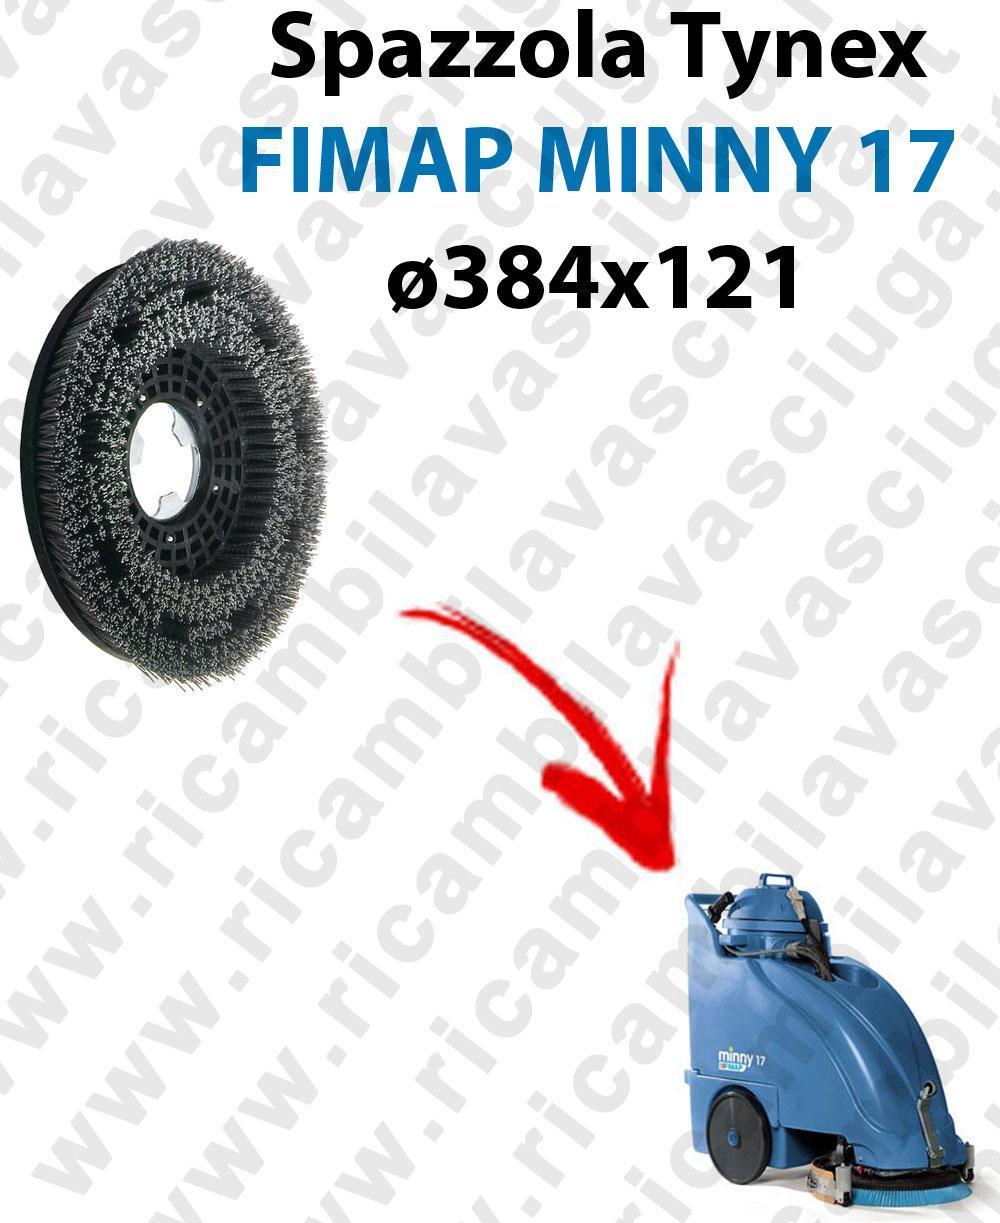 SPAZZOLA TYNEX  for scrubber dryer FIMAP MINNY 17. Model: tynex  ⌀384 X 121